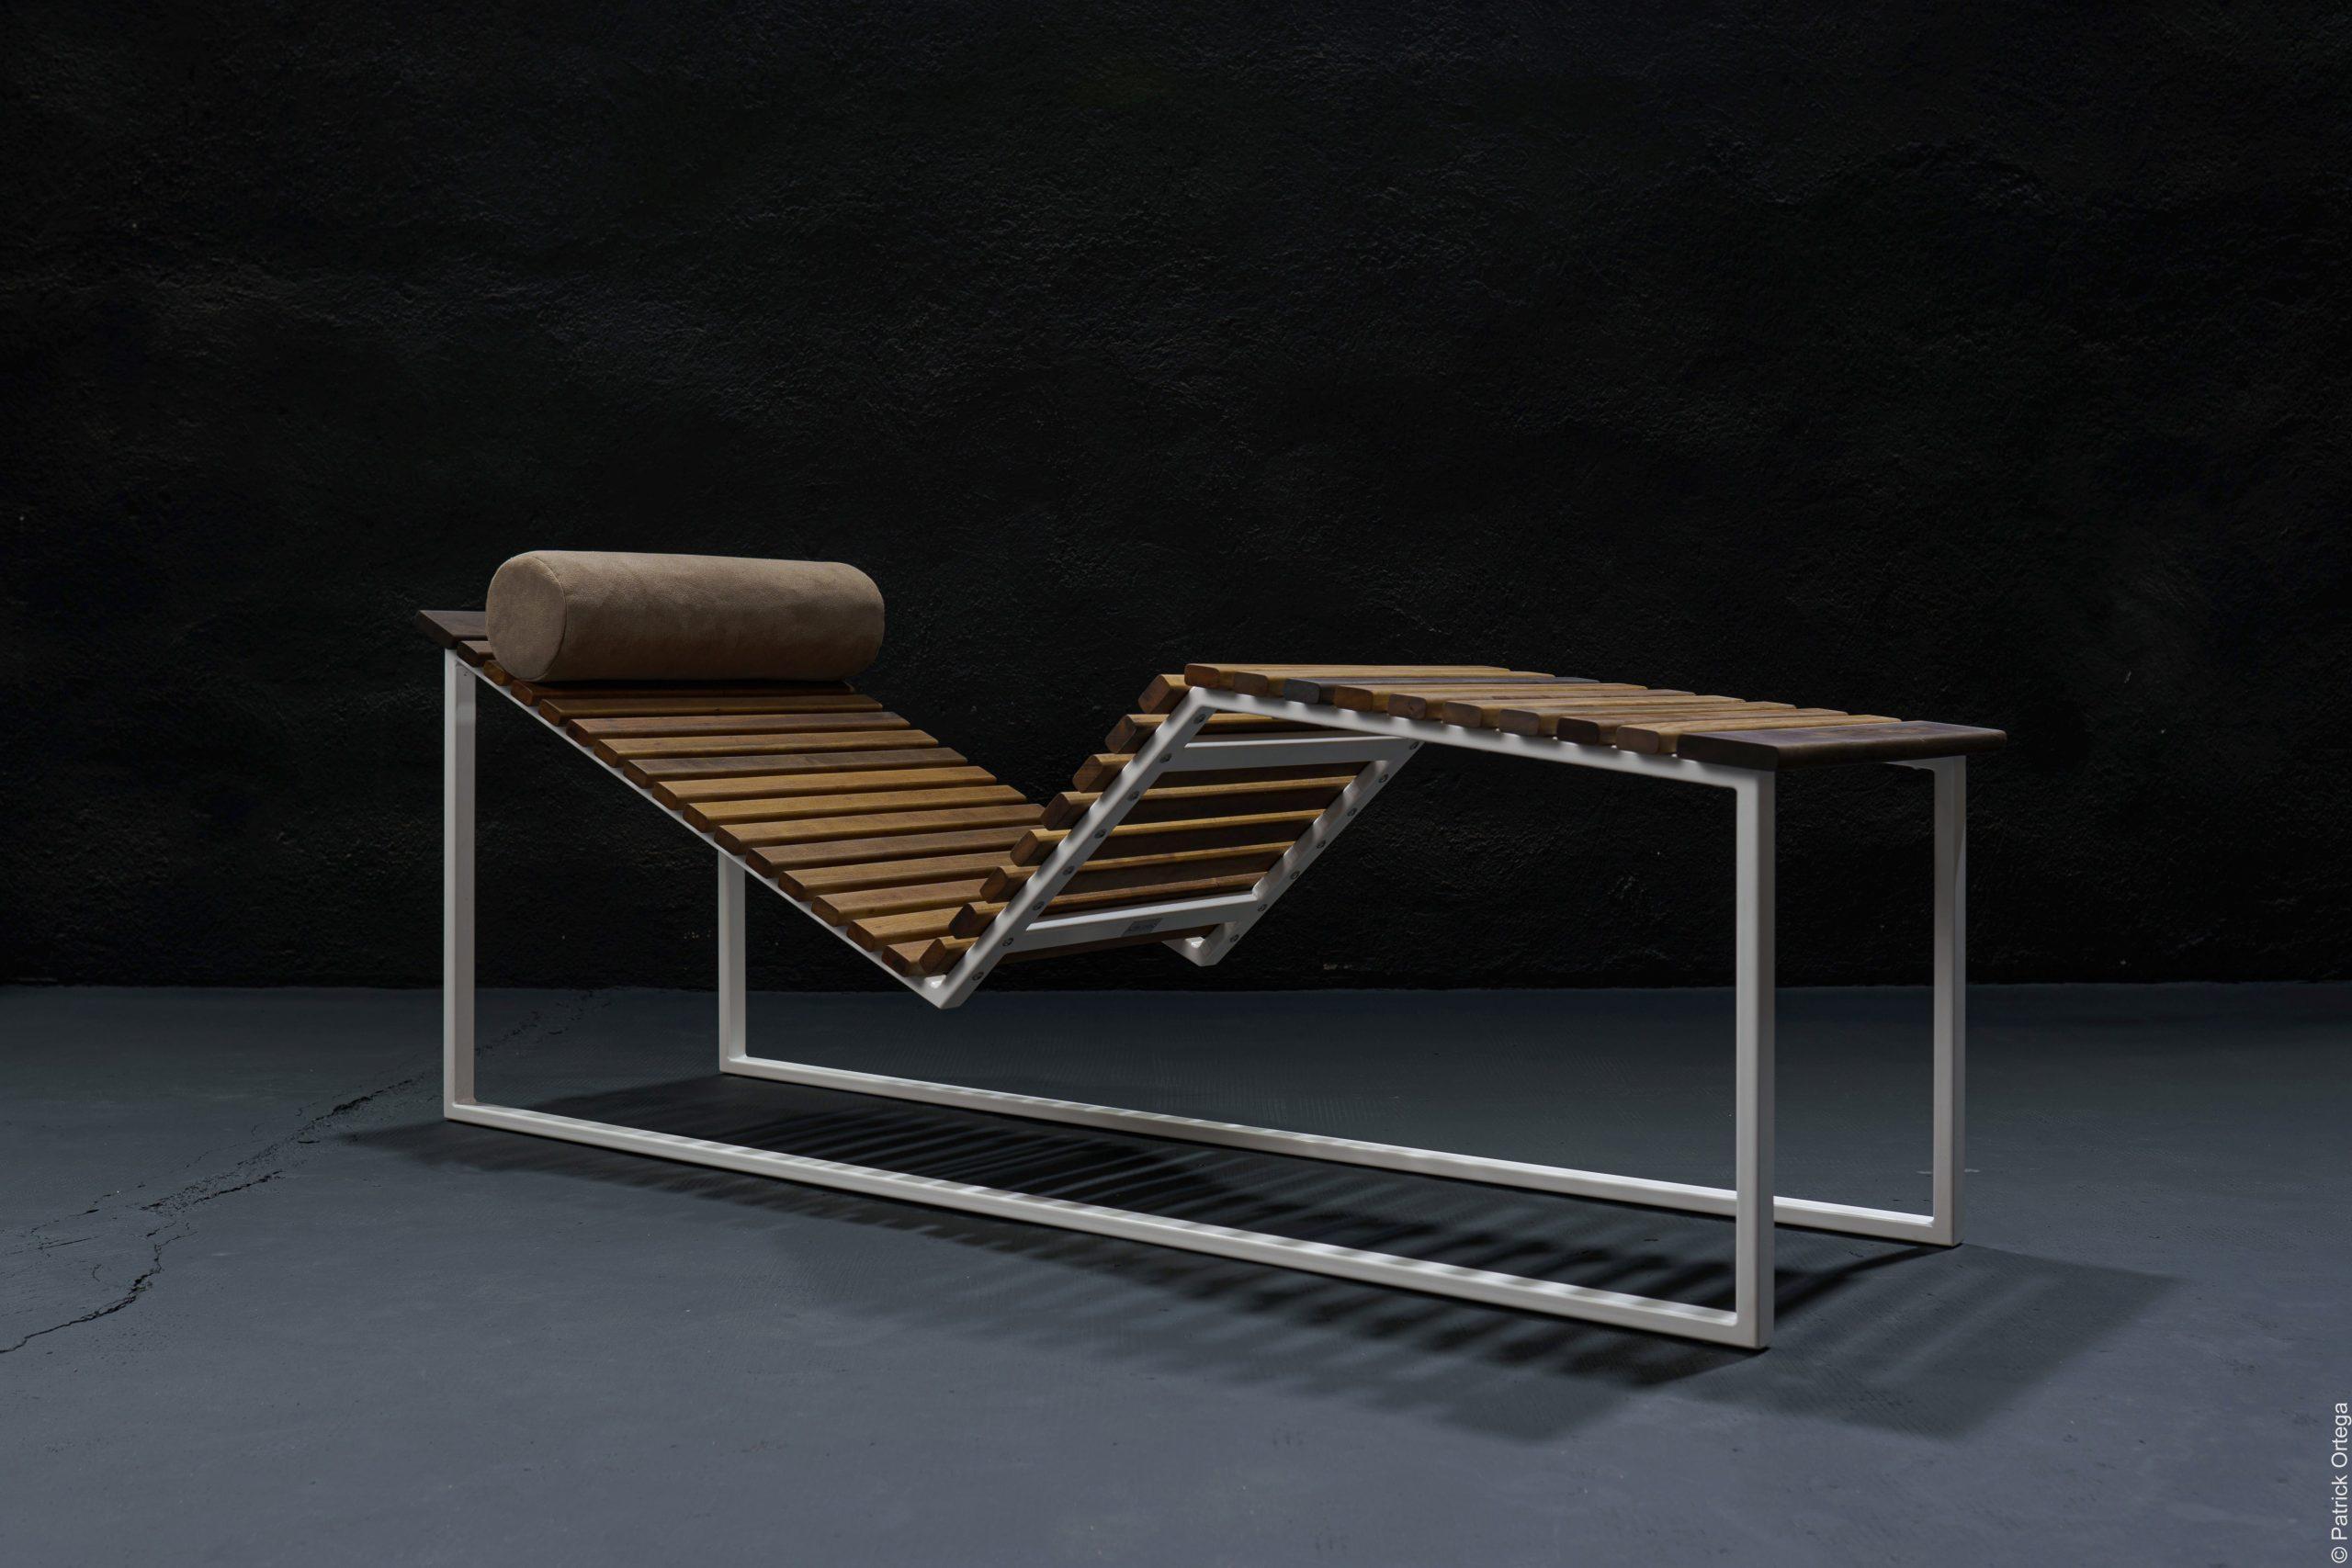 Mobilier en bois : Mr Louis, le nouveau design marseillais